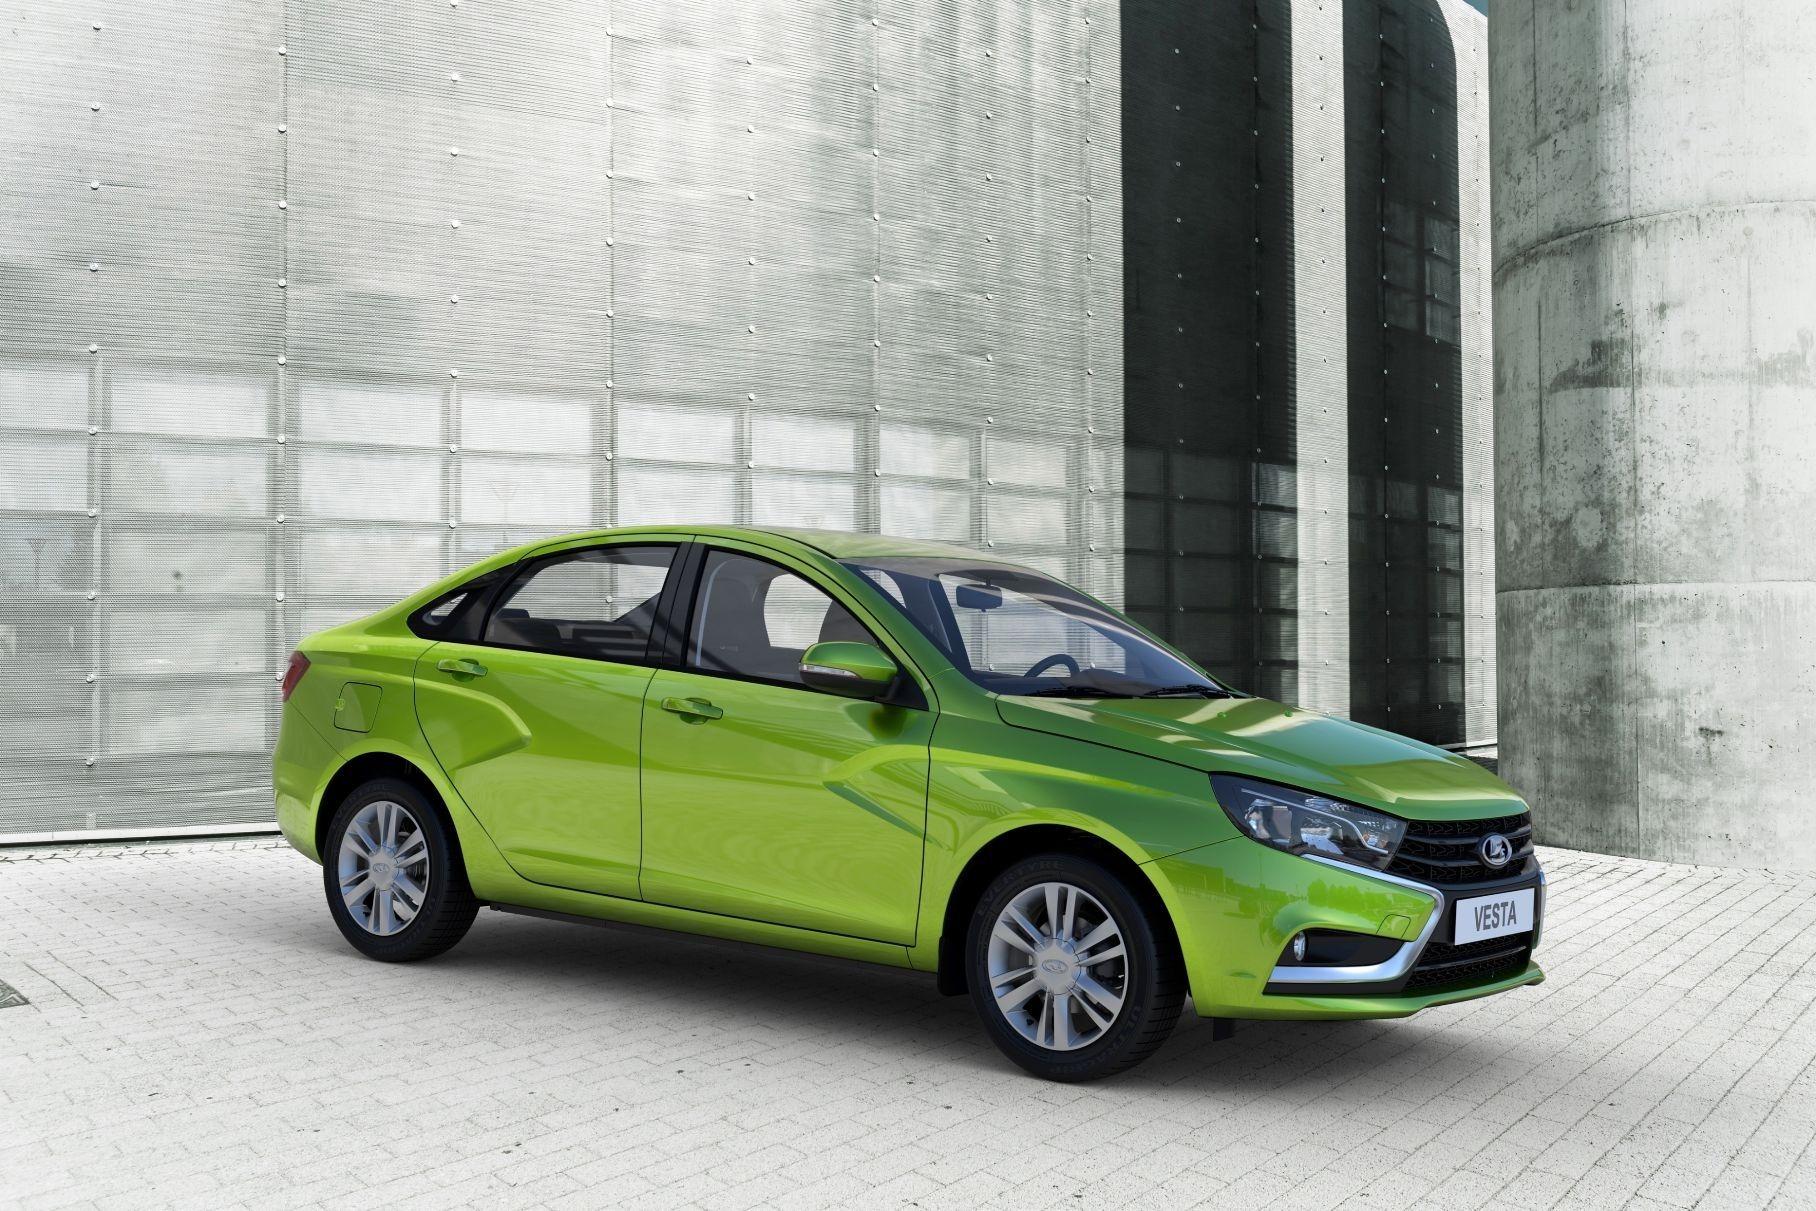 АвтоВАЗ поручил доработать уже выпущенные Lada Vesta